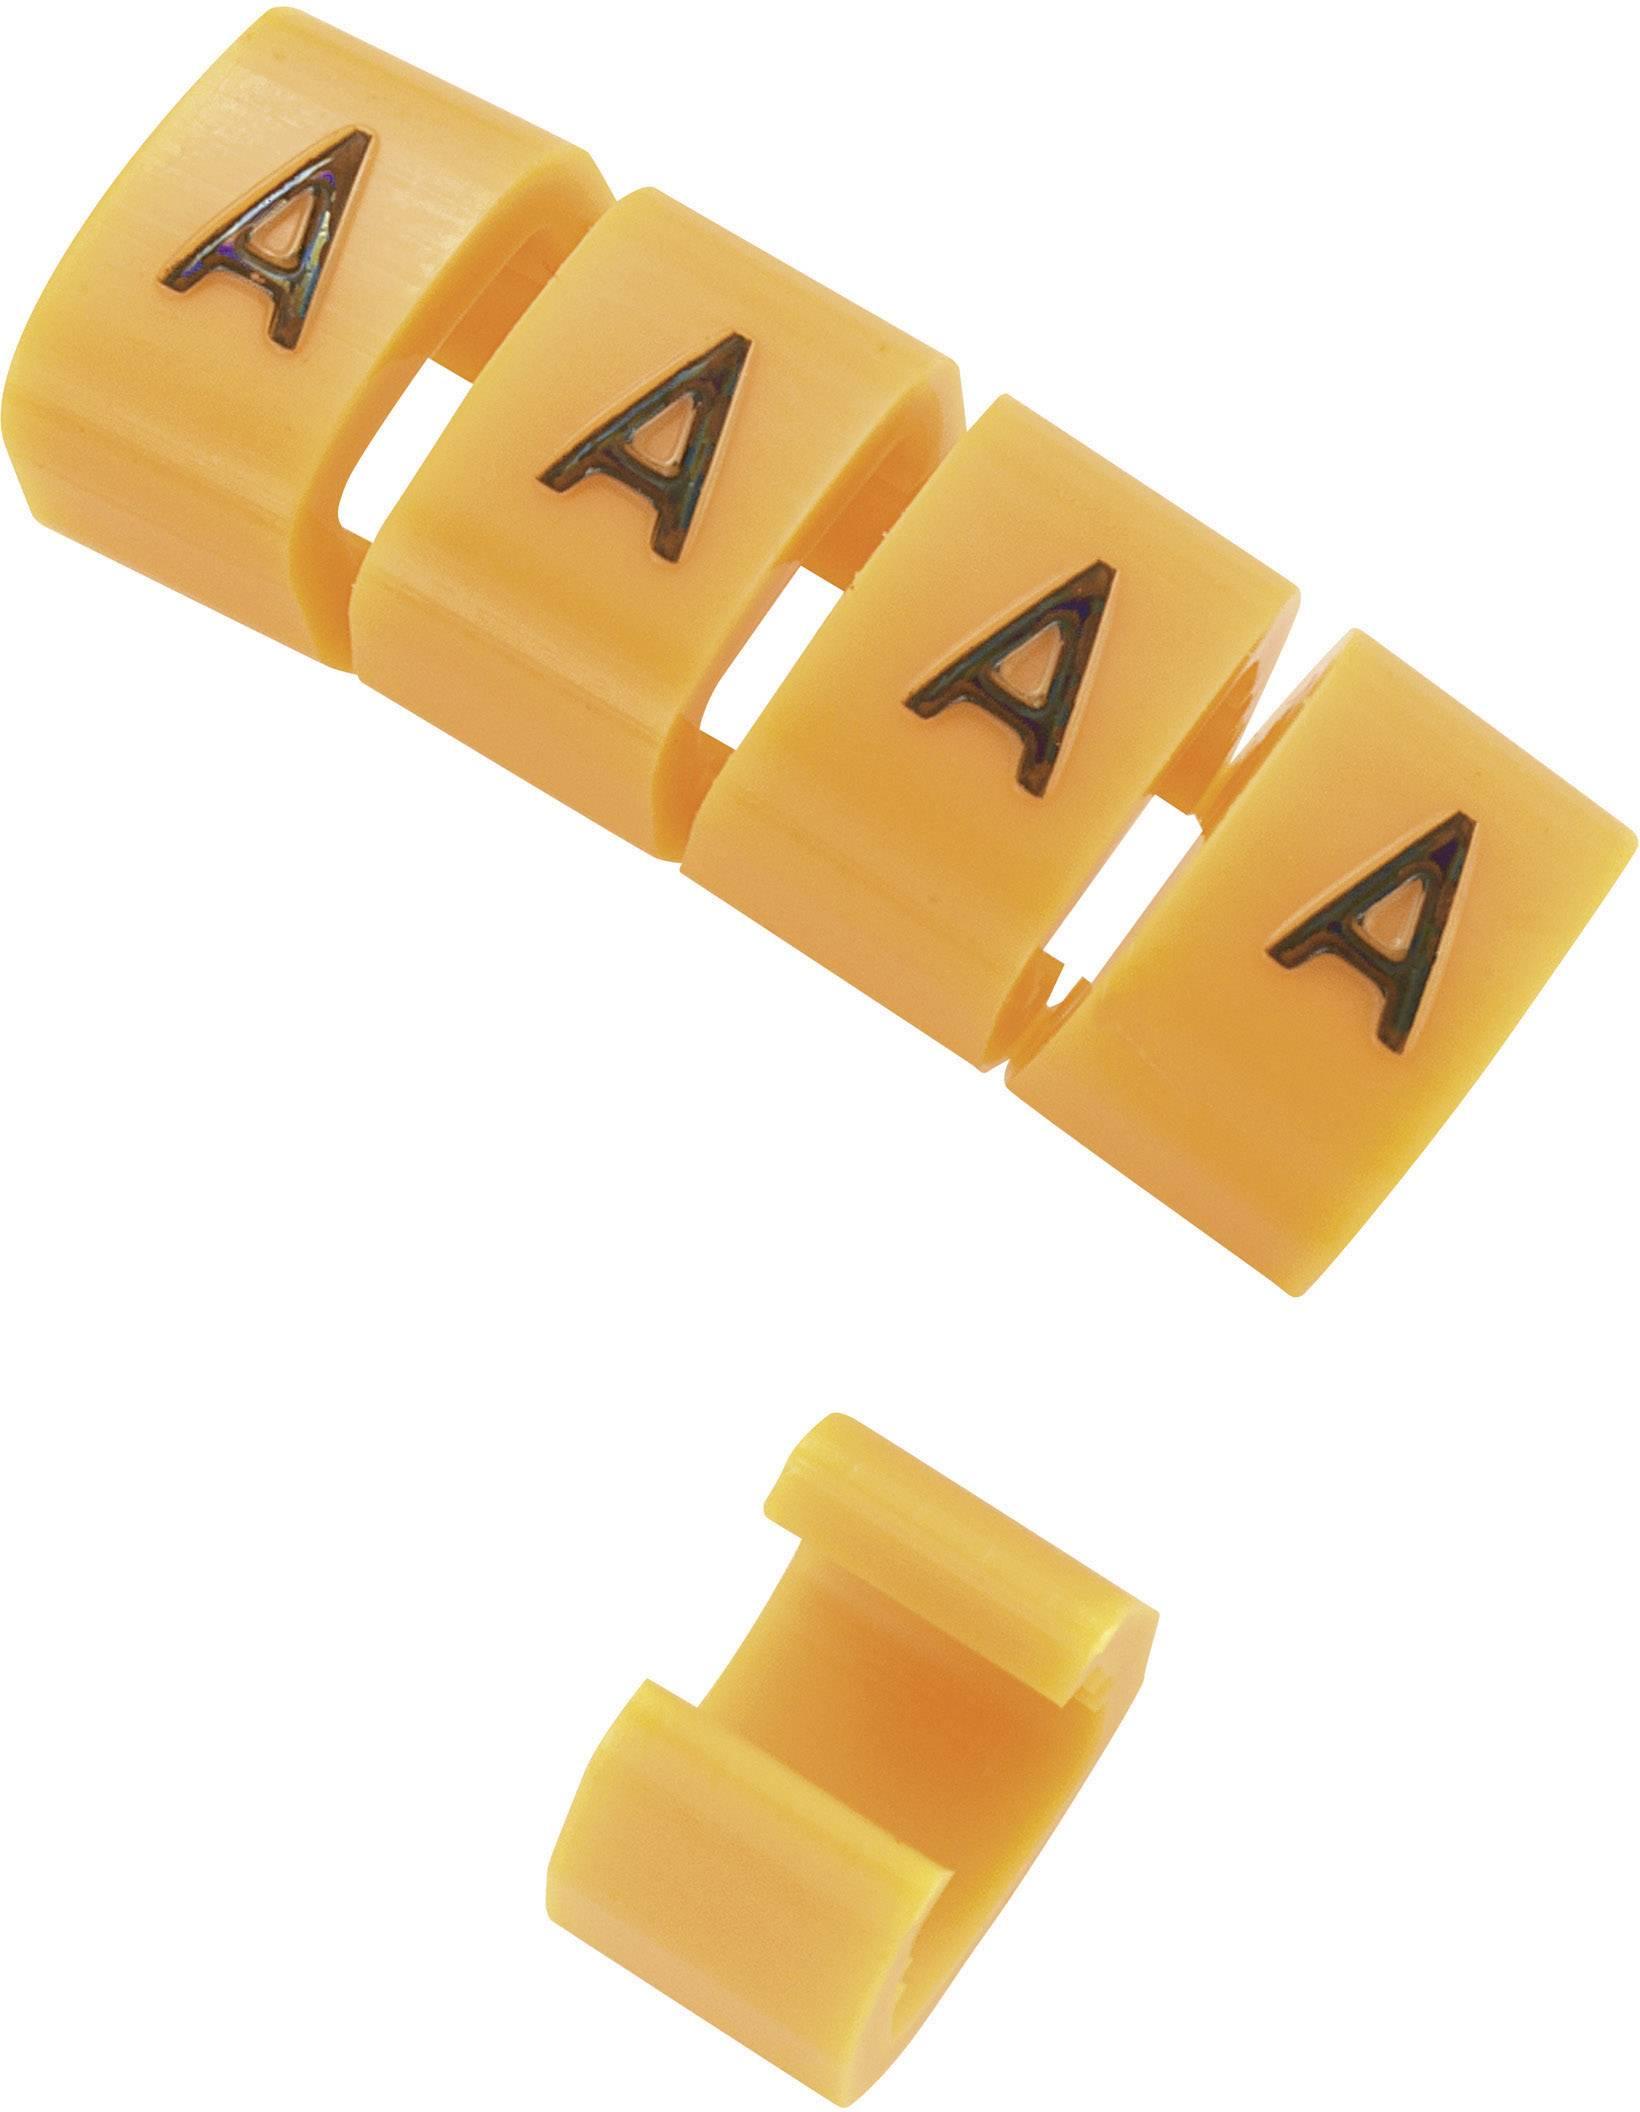 Označovacie objímka na káble KSS MB2/R, oranžová, 10 ks